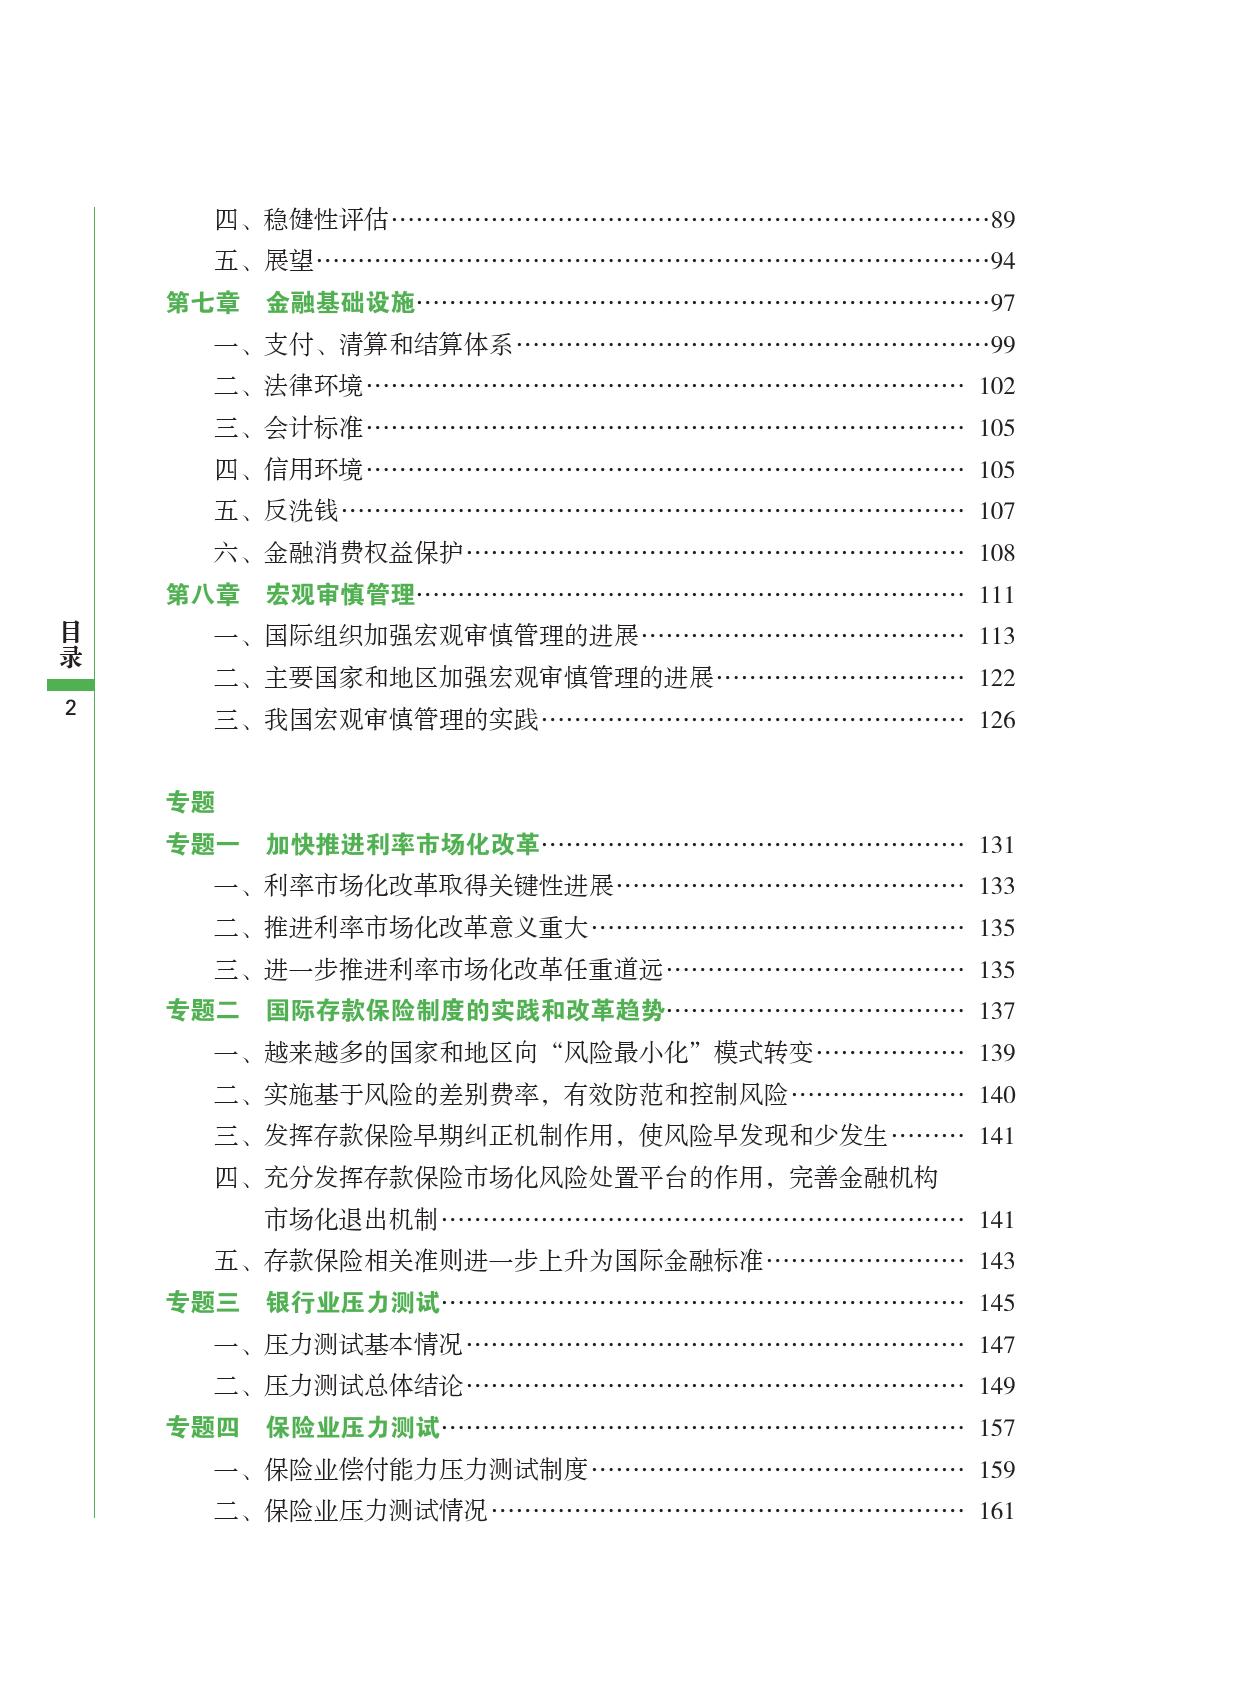 2016年中国金融稳定报告_000008